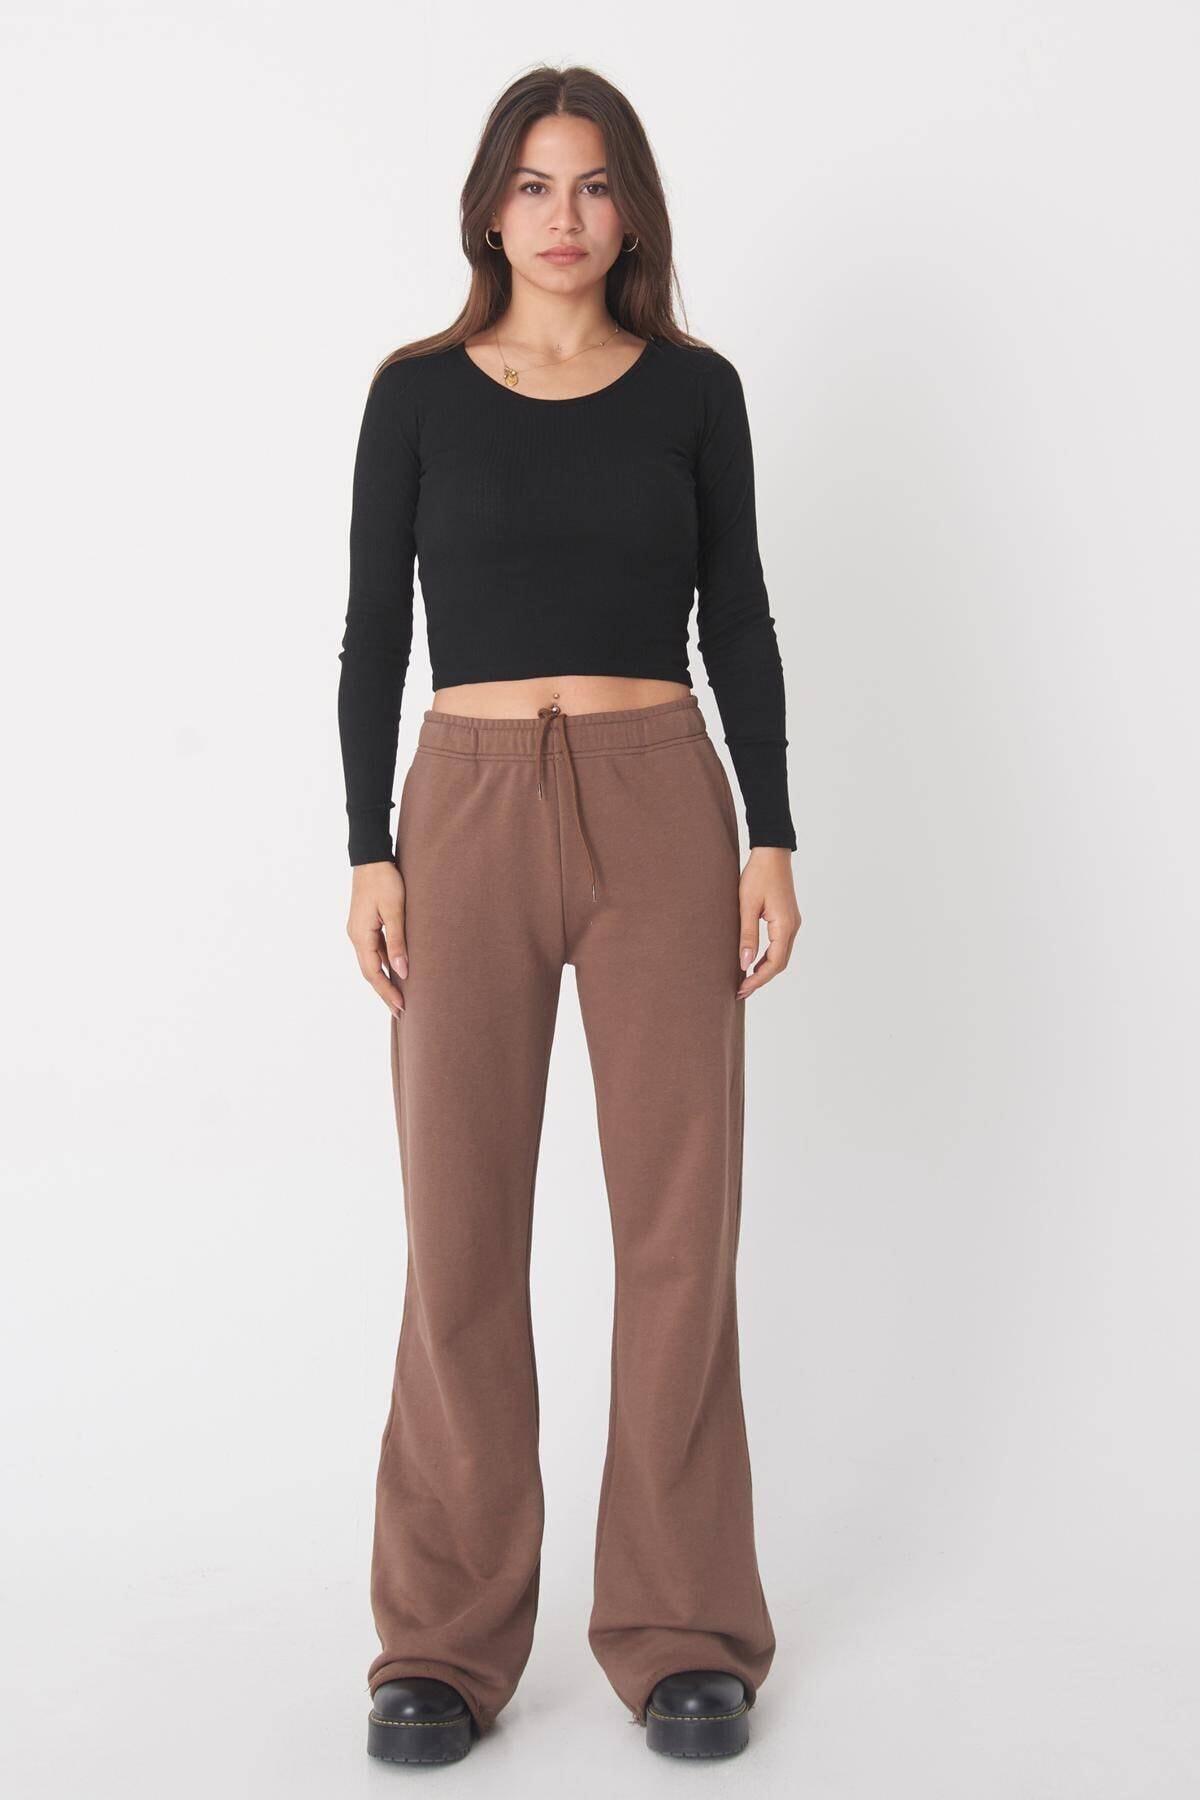 Addax Kadın Siyah Uzun Kollu Bluz B1069 - W12 Adx-0000023026 4